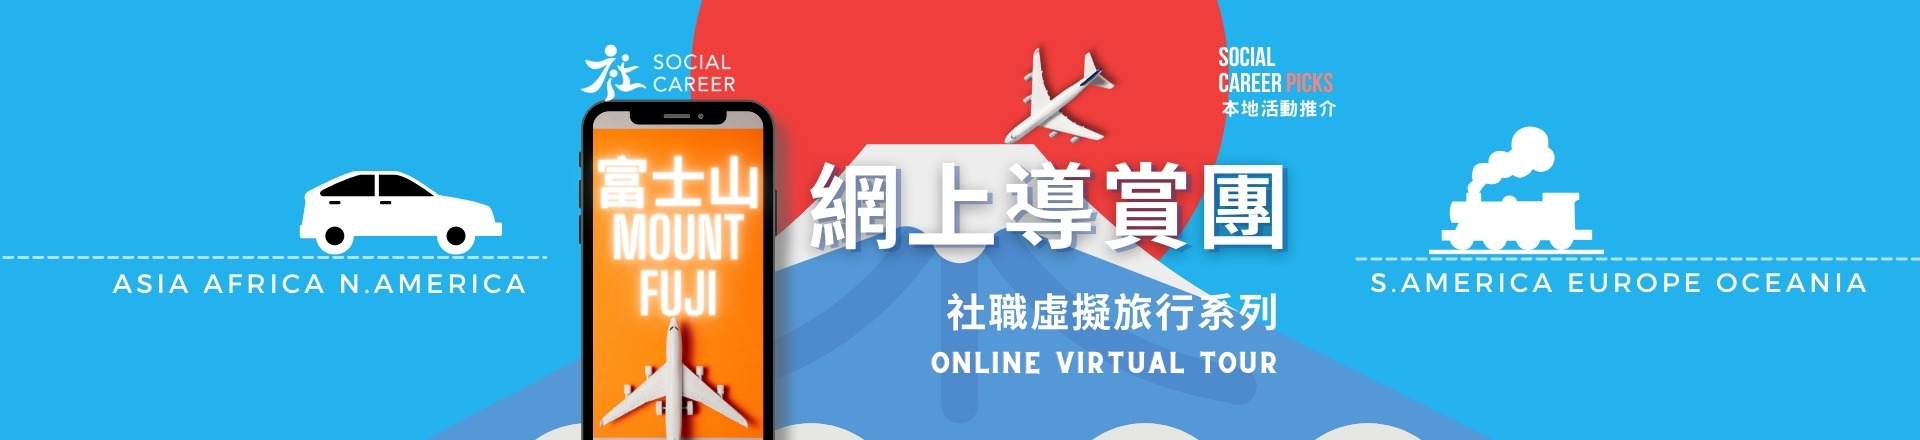 日本富士山虛擬旅行 網上虛擬導賞團